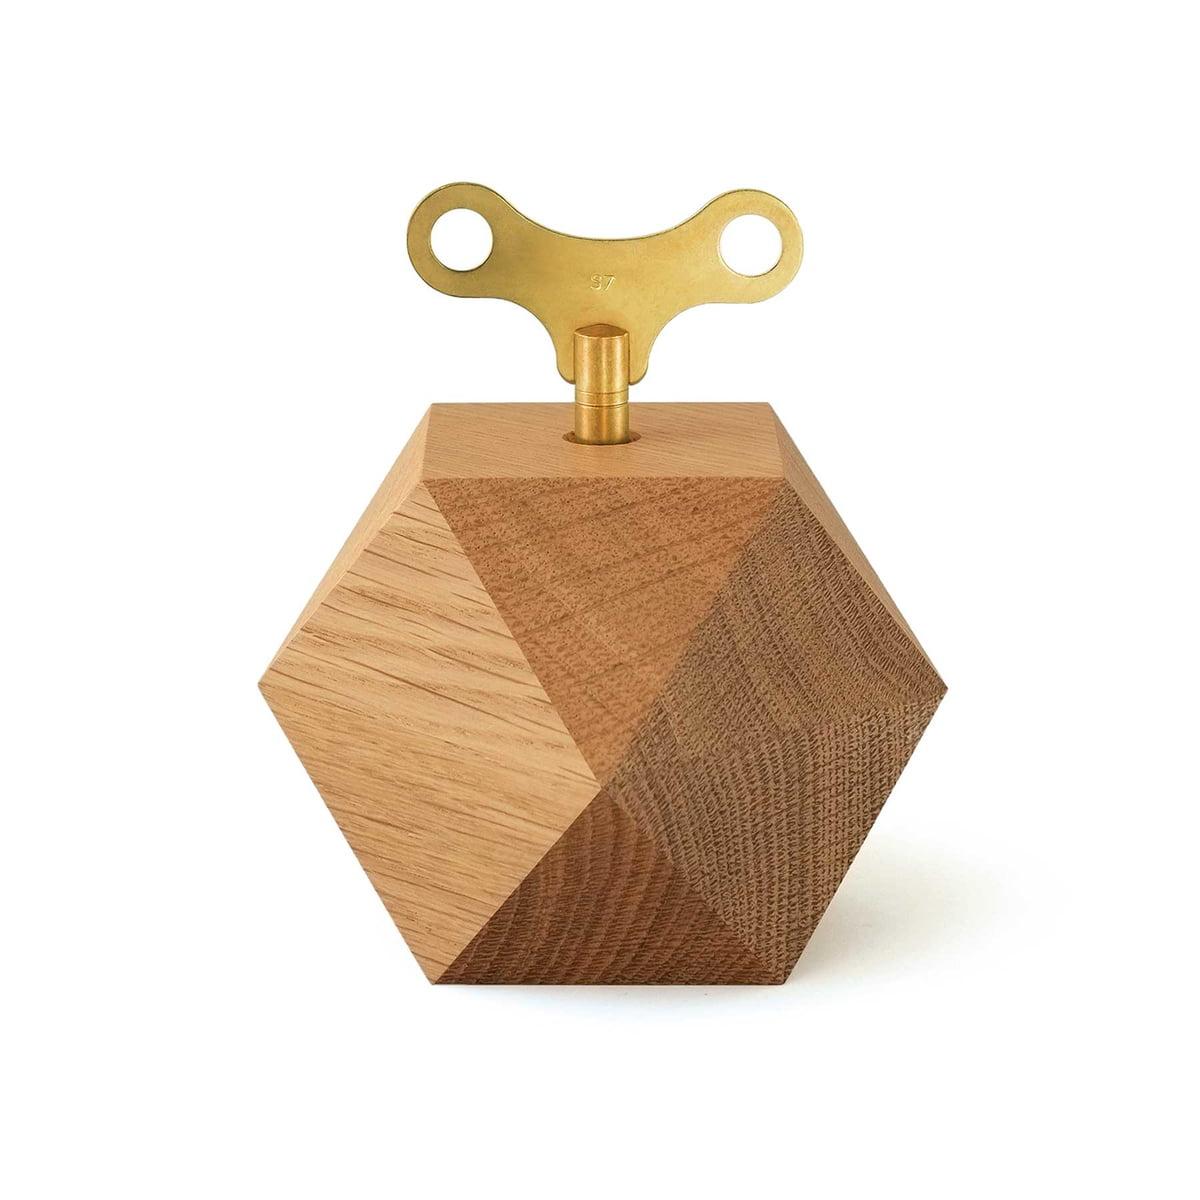 siebensachen - Diamond Spieluhr   Kinderzimmer > Spielzeuge > Spieluhren   Eiche gewachst   Eiche   siebensachen